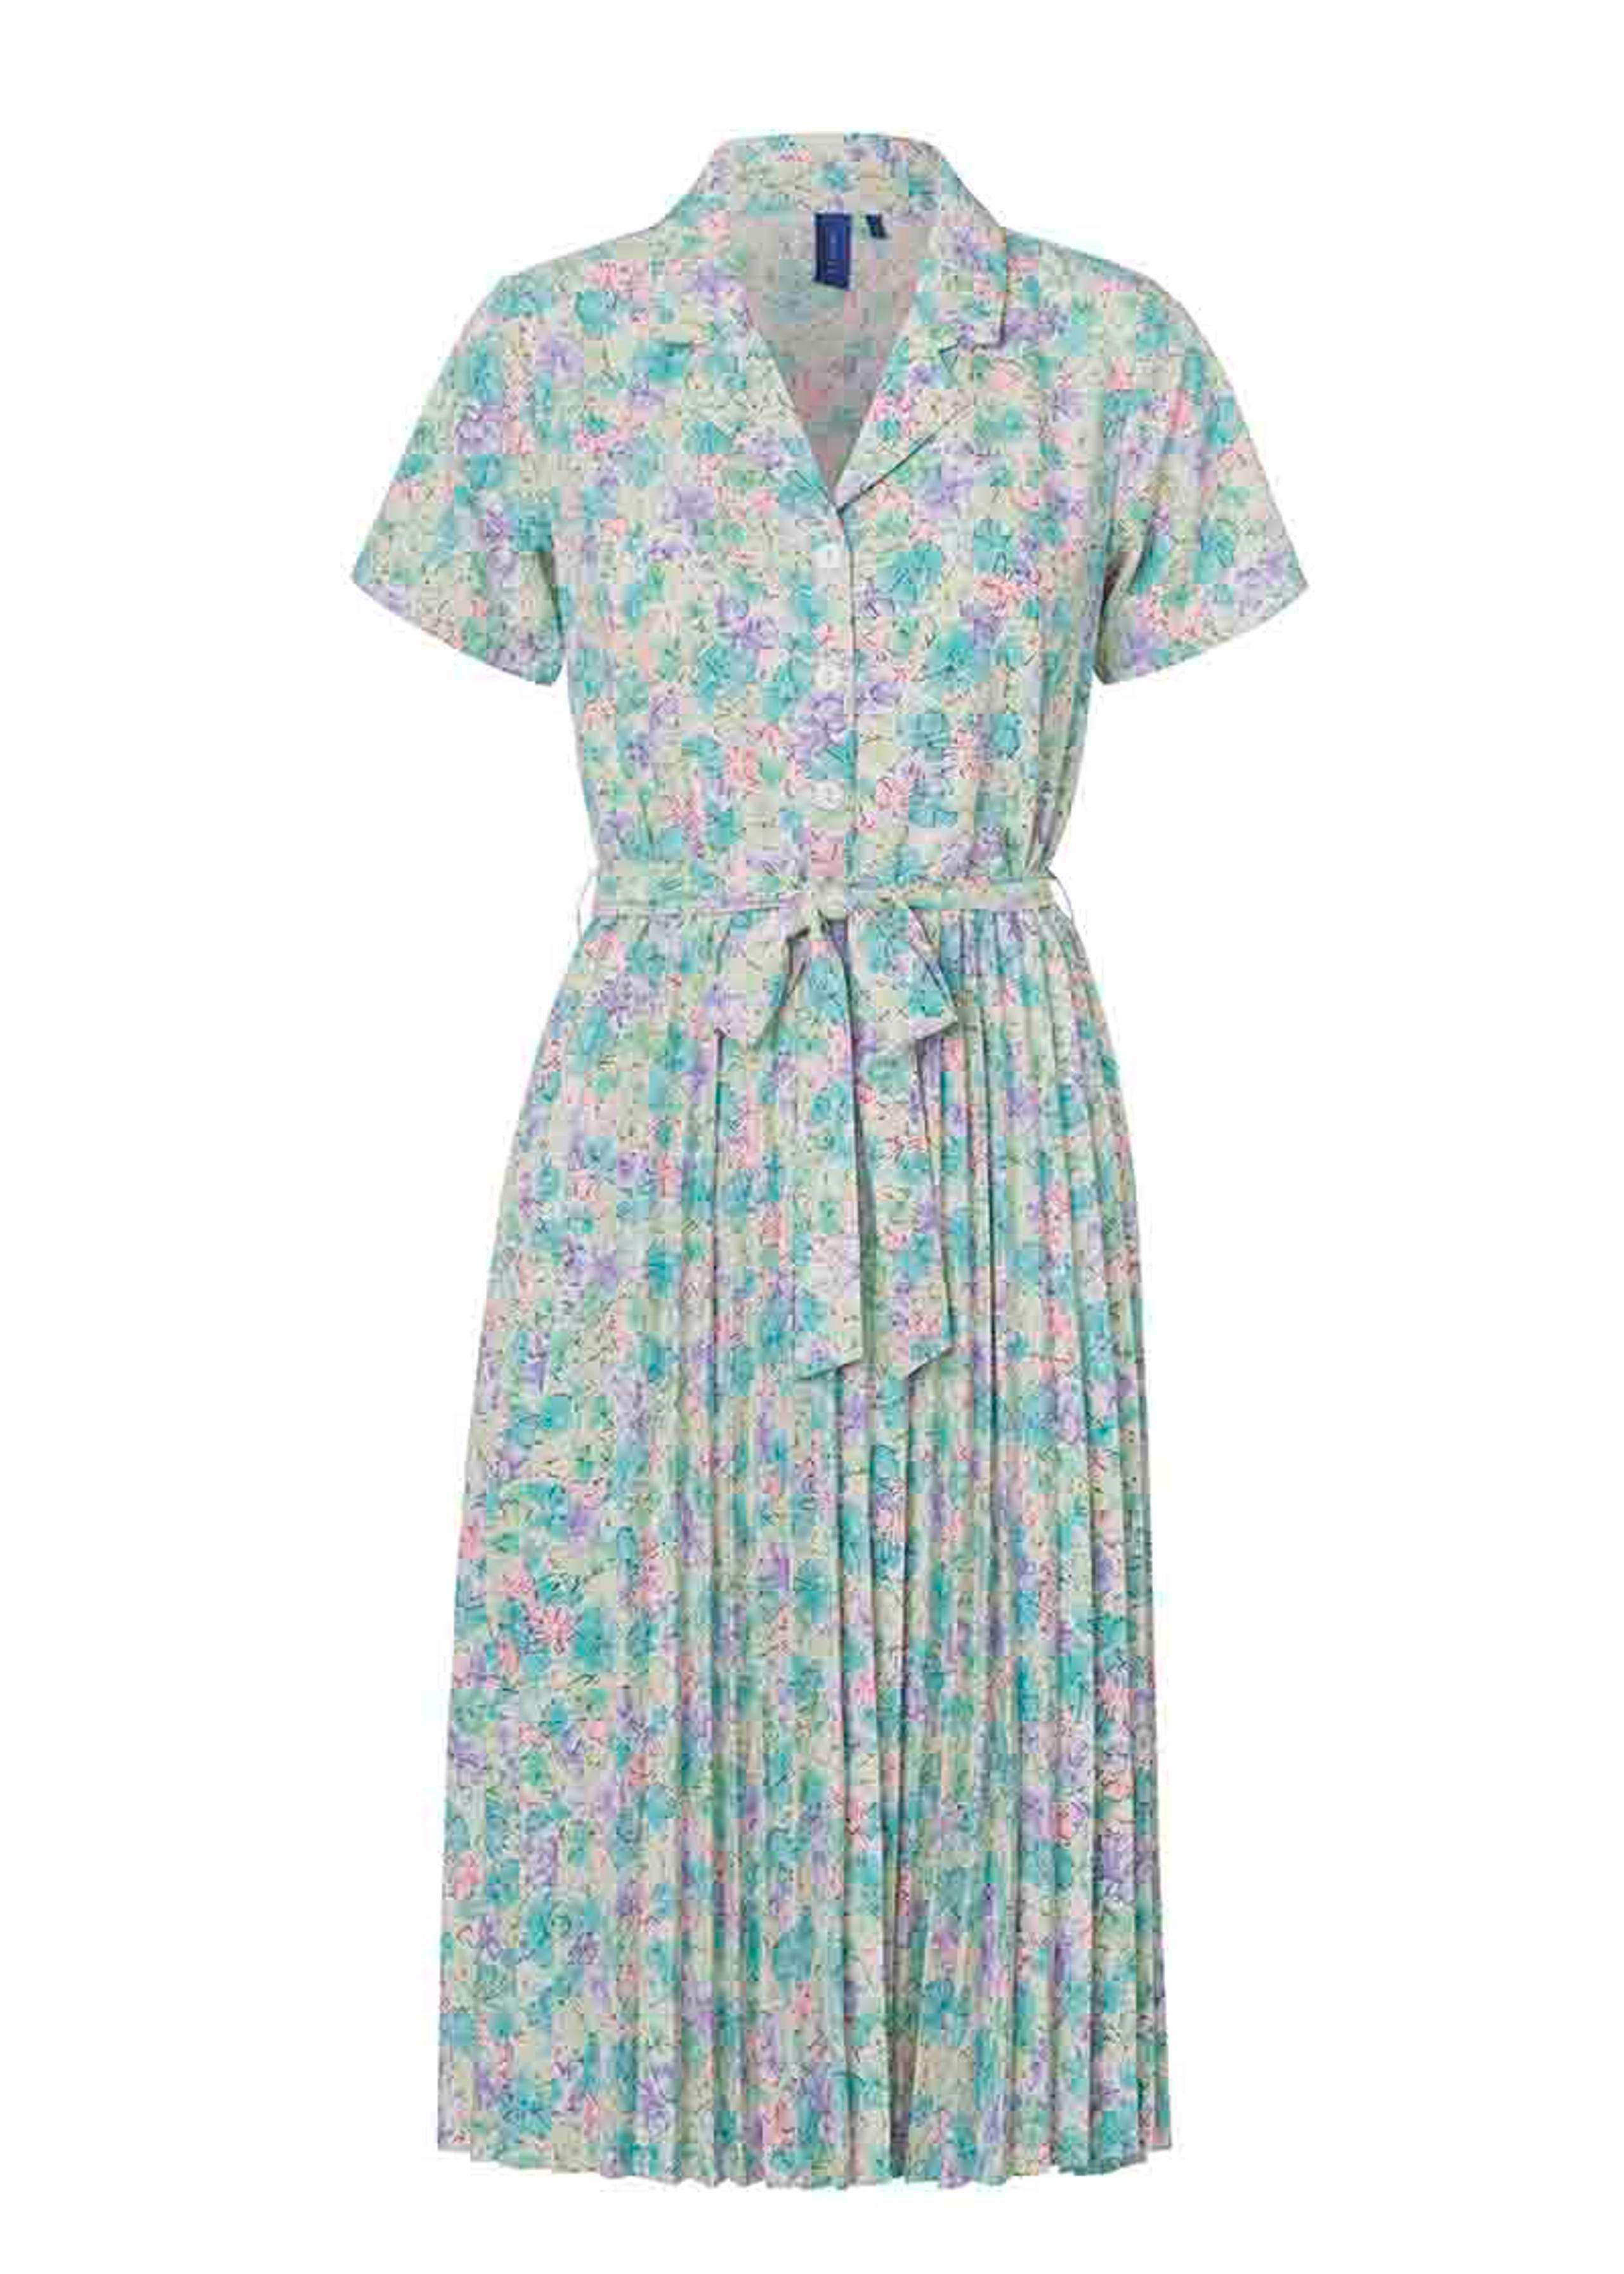 c295f5f56f71 RÈSUMÈ Kjole - Mitzie Dress